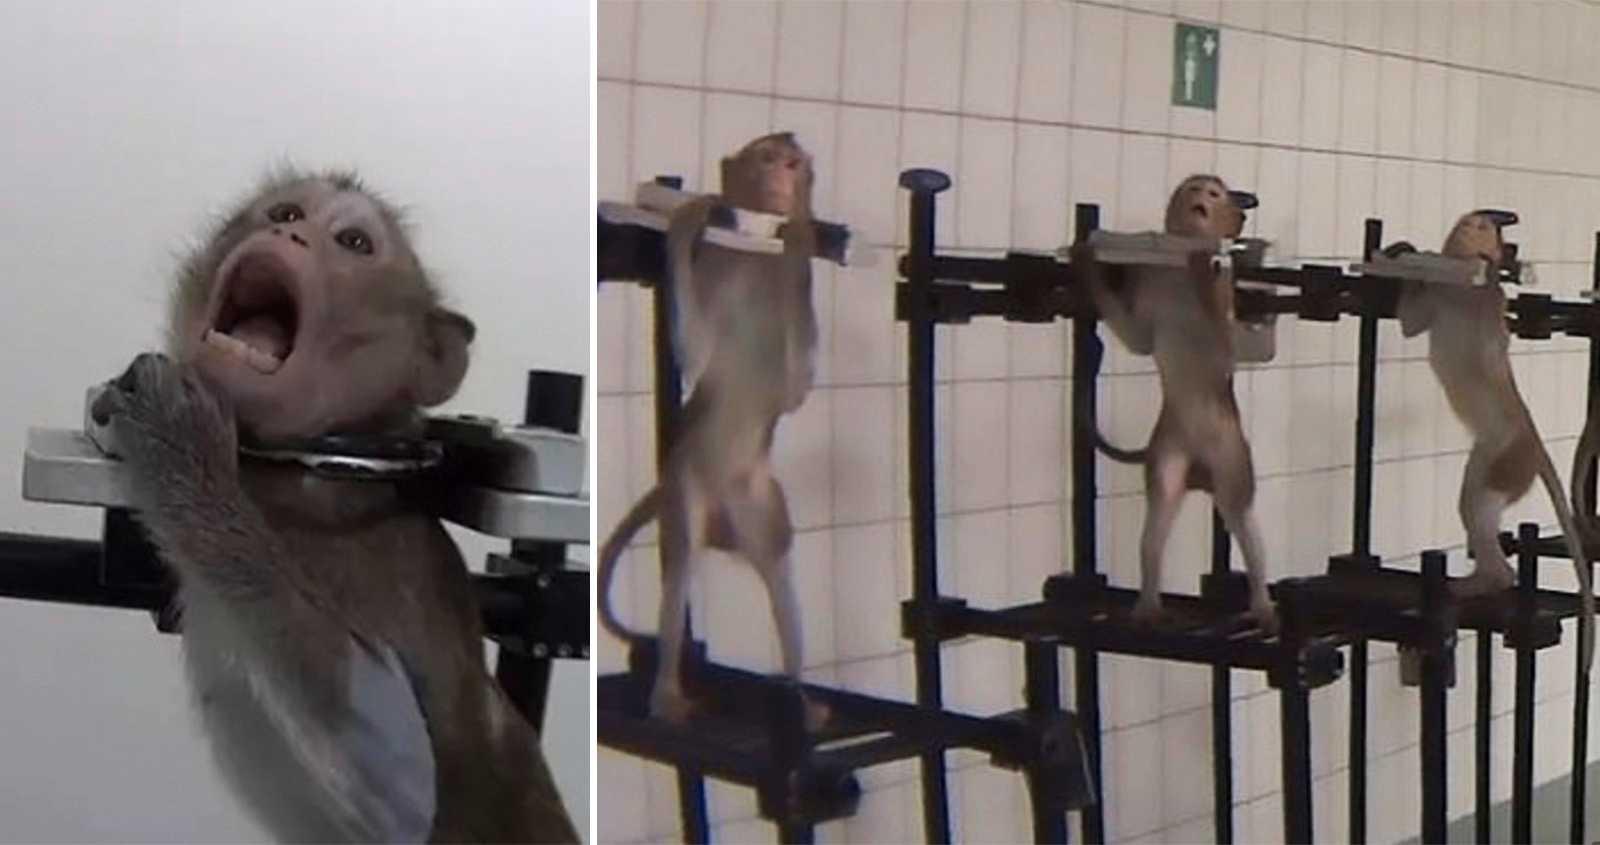 Aporna skriker i desperation – bilderna avslöjar fruktansvärda djurförsök i tyskt laboratorium